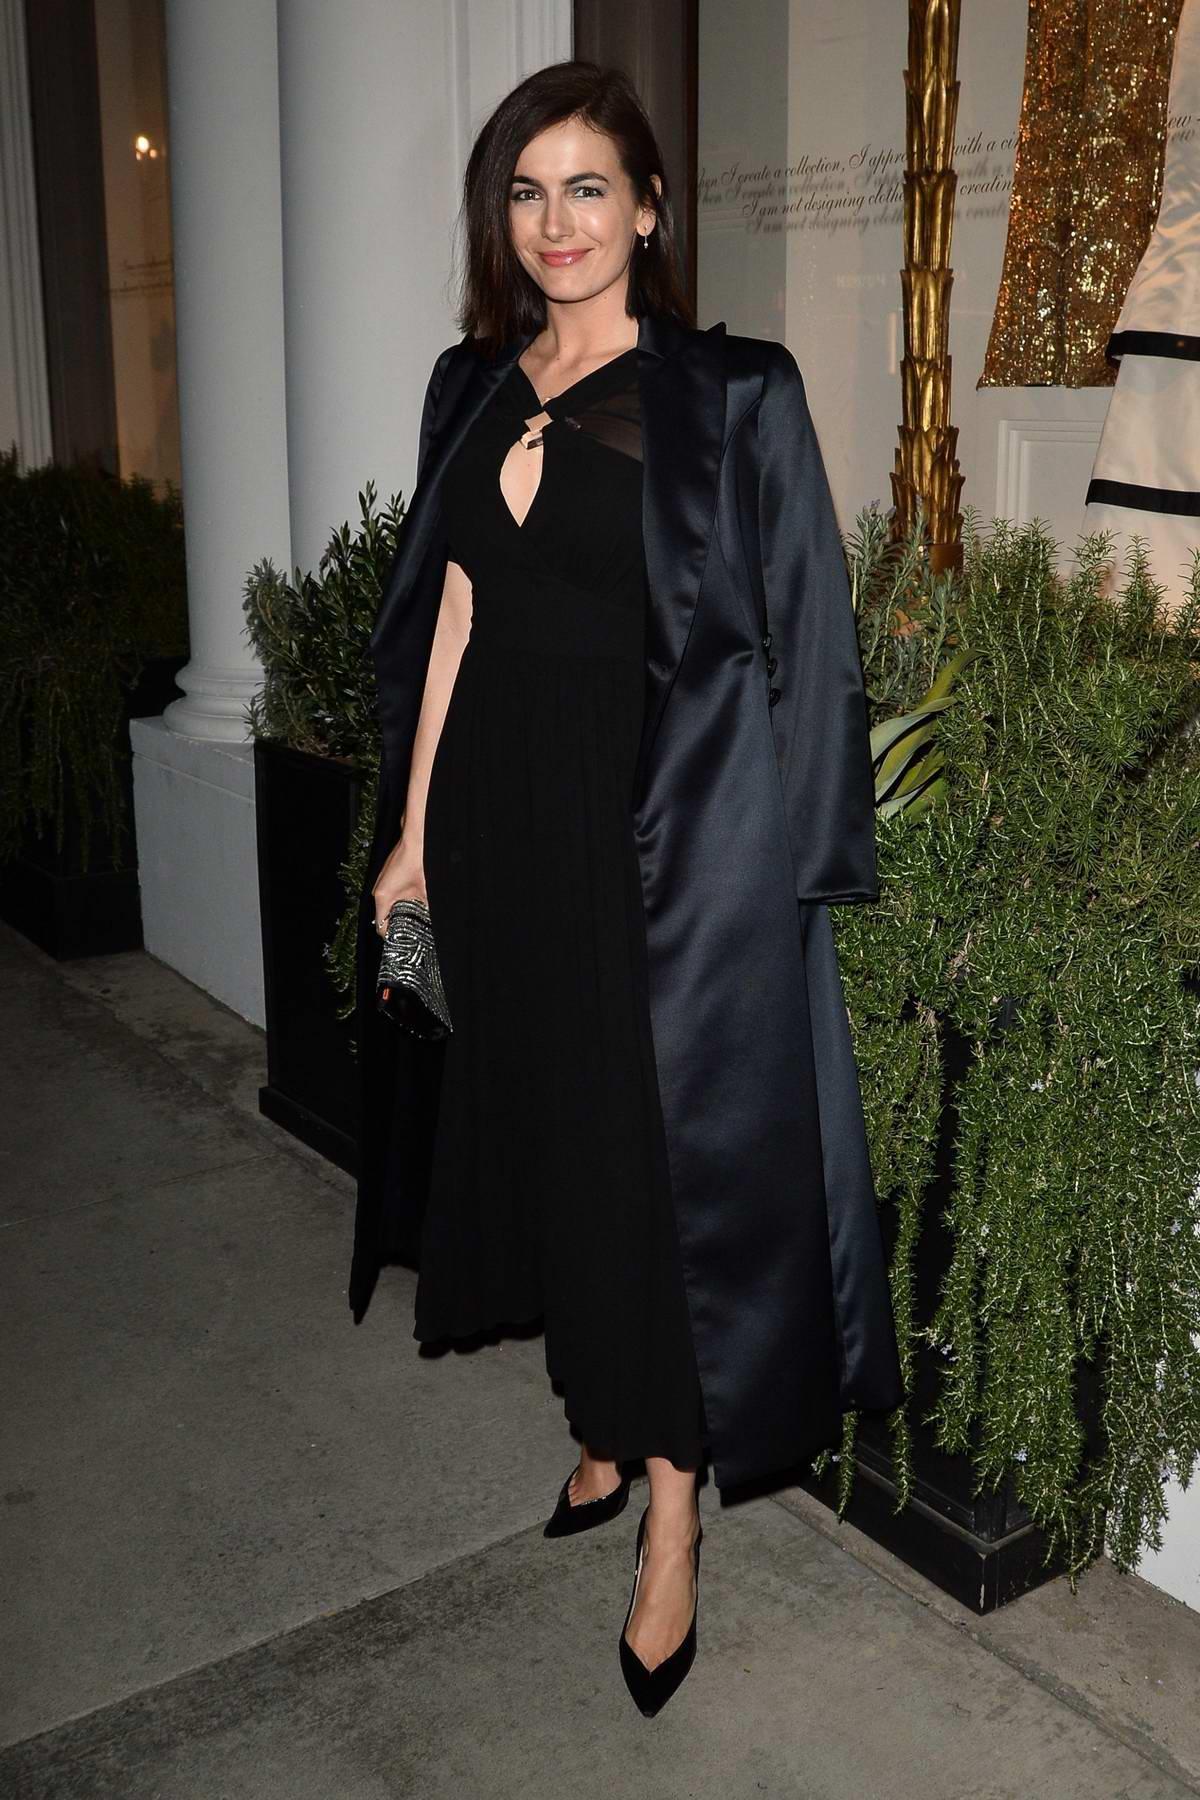 Camilla Belle attends the Giorgio Armani Pre-Oscar Party in Los Angeles